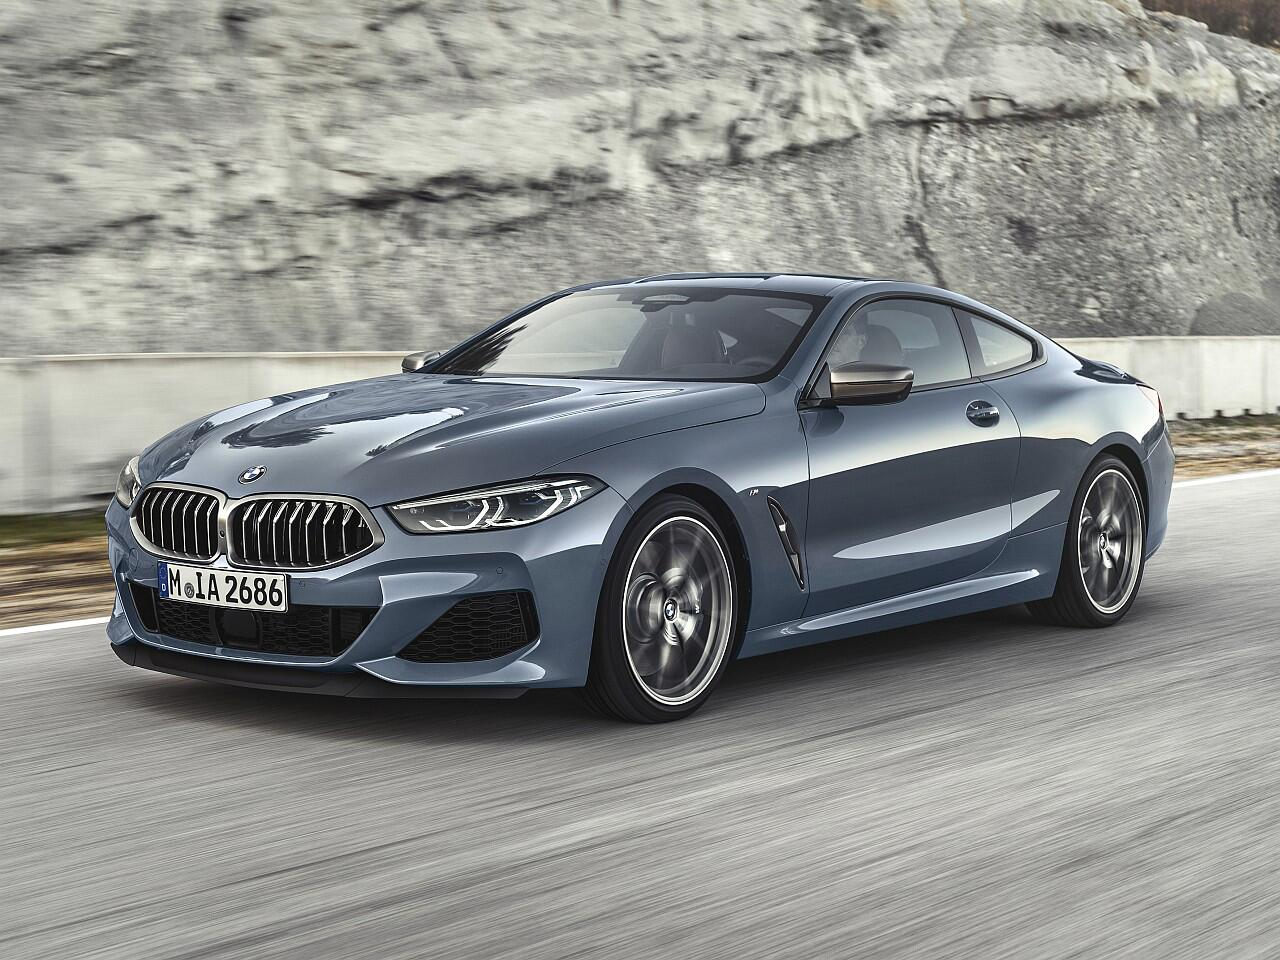 Bild zu Premiere für das BMW 8er Coupé: Modelloffensive in der Luxusklasse